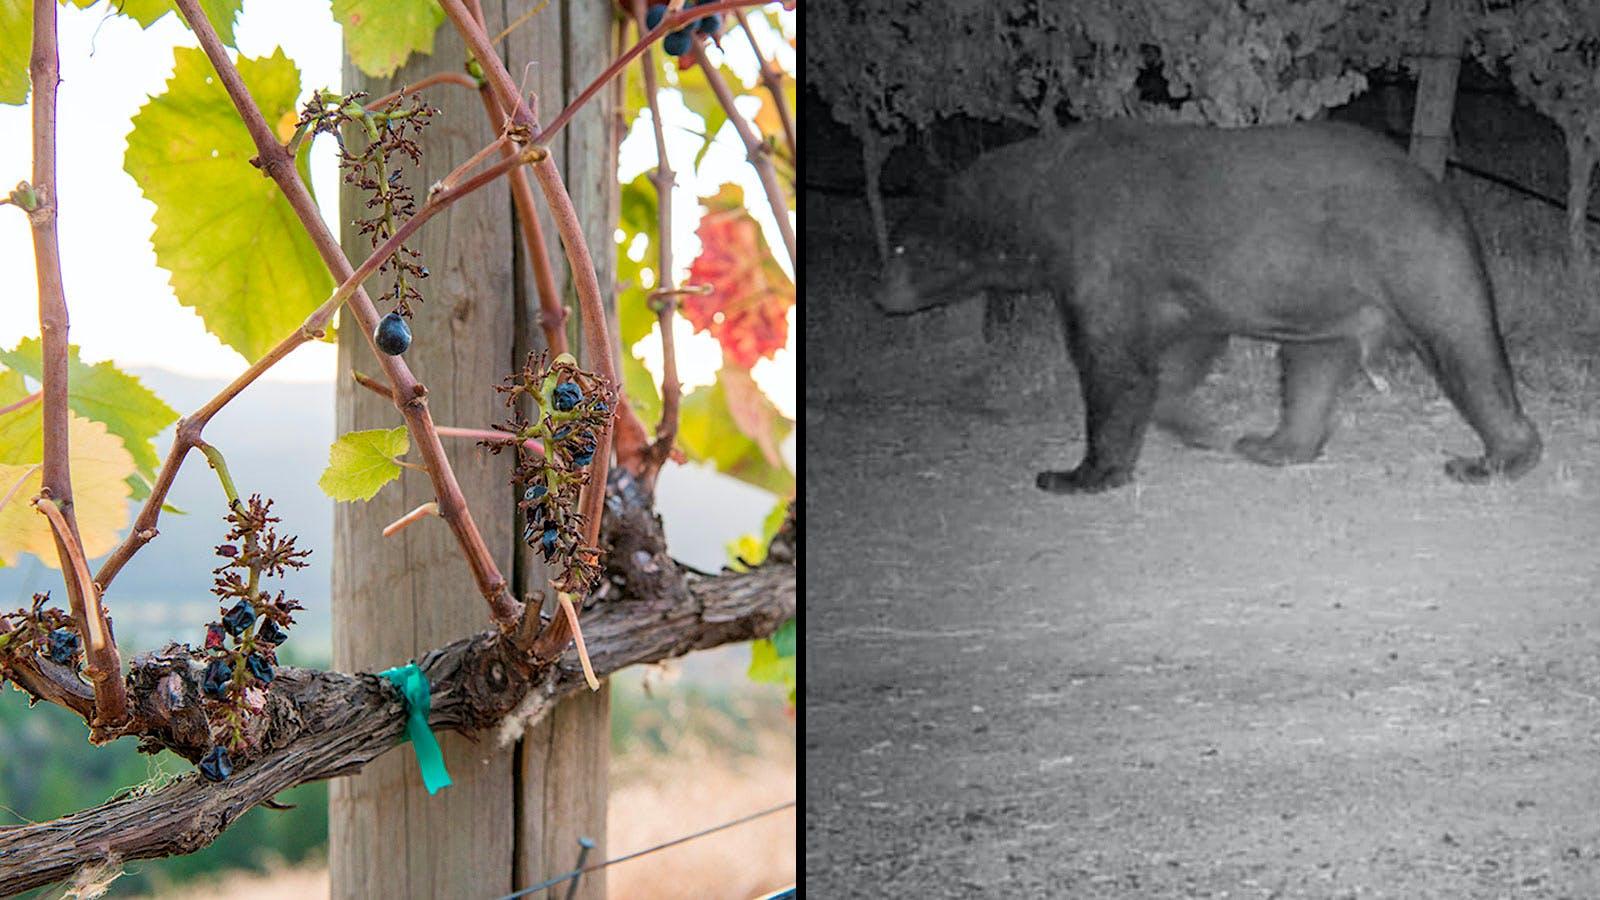 Vineyard-Crashing Bear Finds Bearings, Pinot Pairings